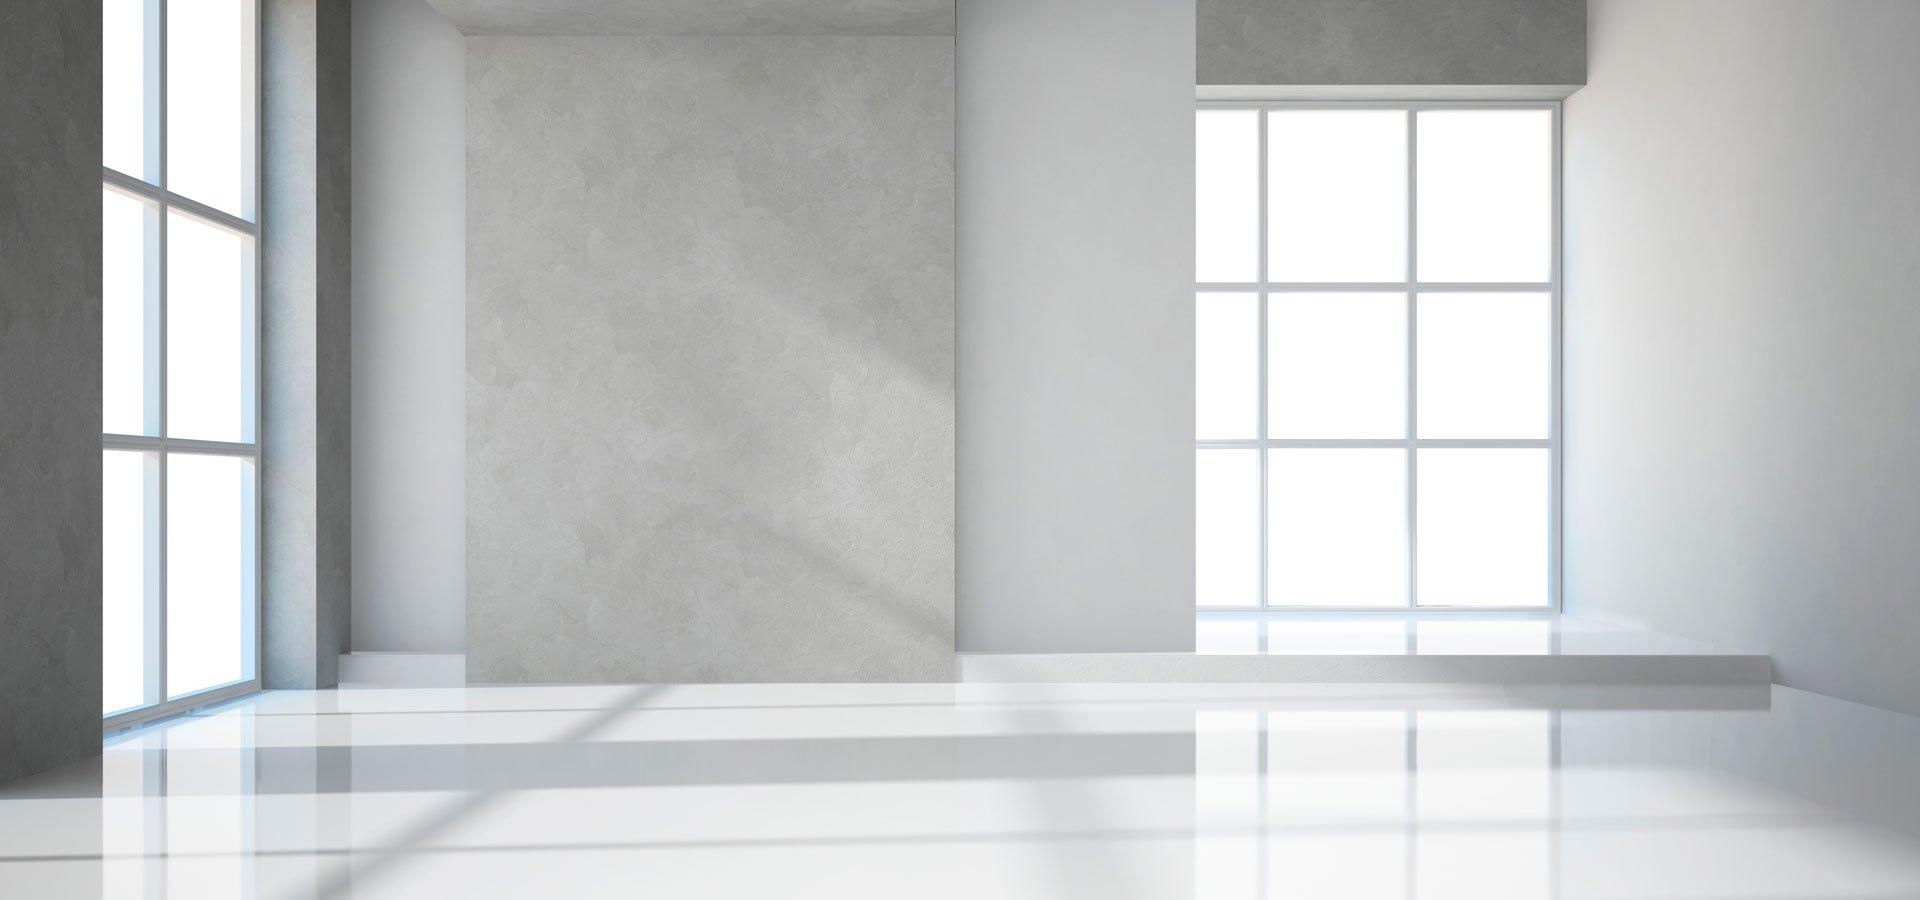 Costruzioni immobiliari de lazzari impresa costruzioni for Costo per aggiungere garage e stanza bonus